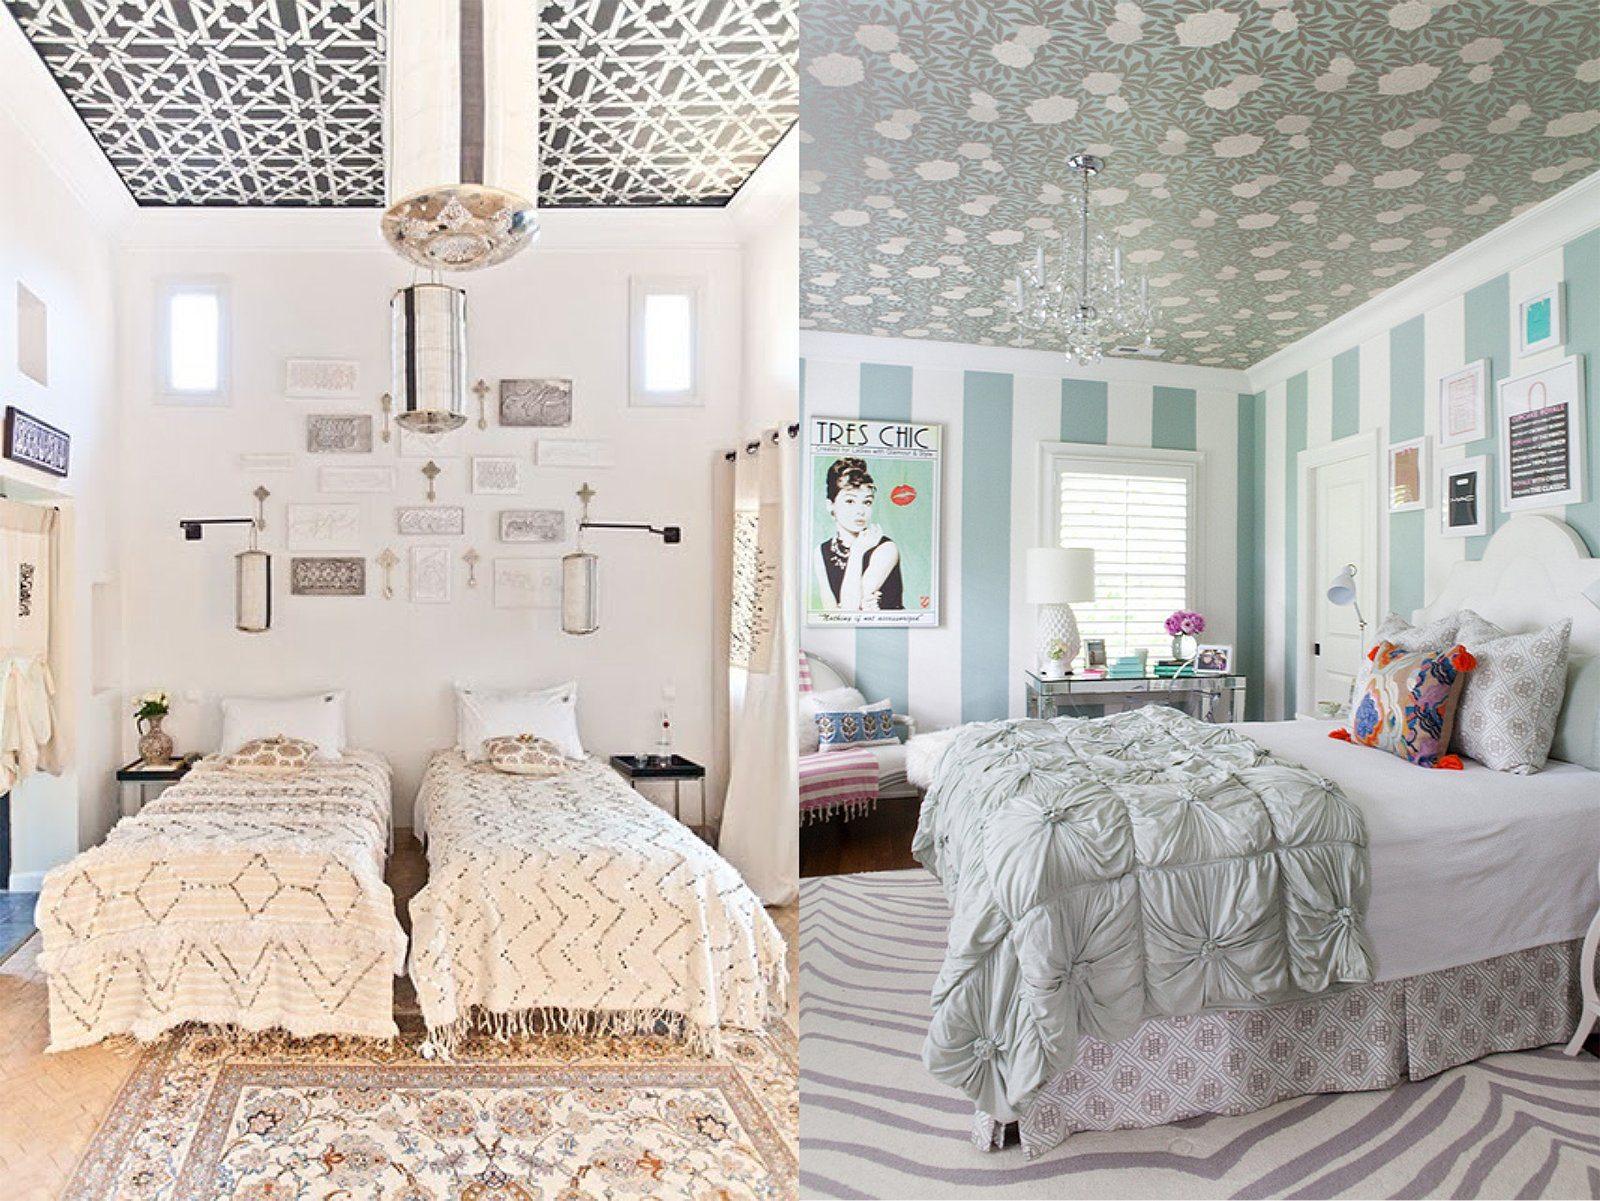 Обои на потолке современный дизайн фото холодильниках шарп